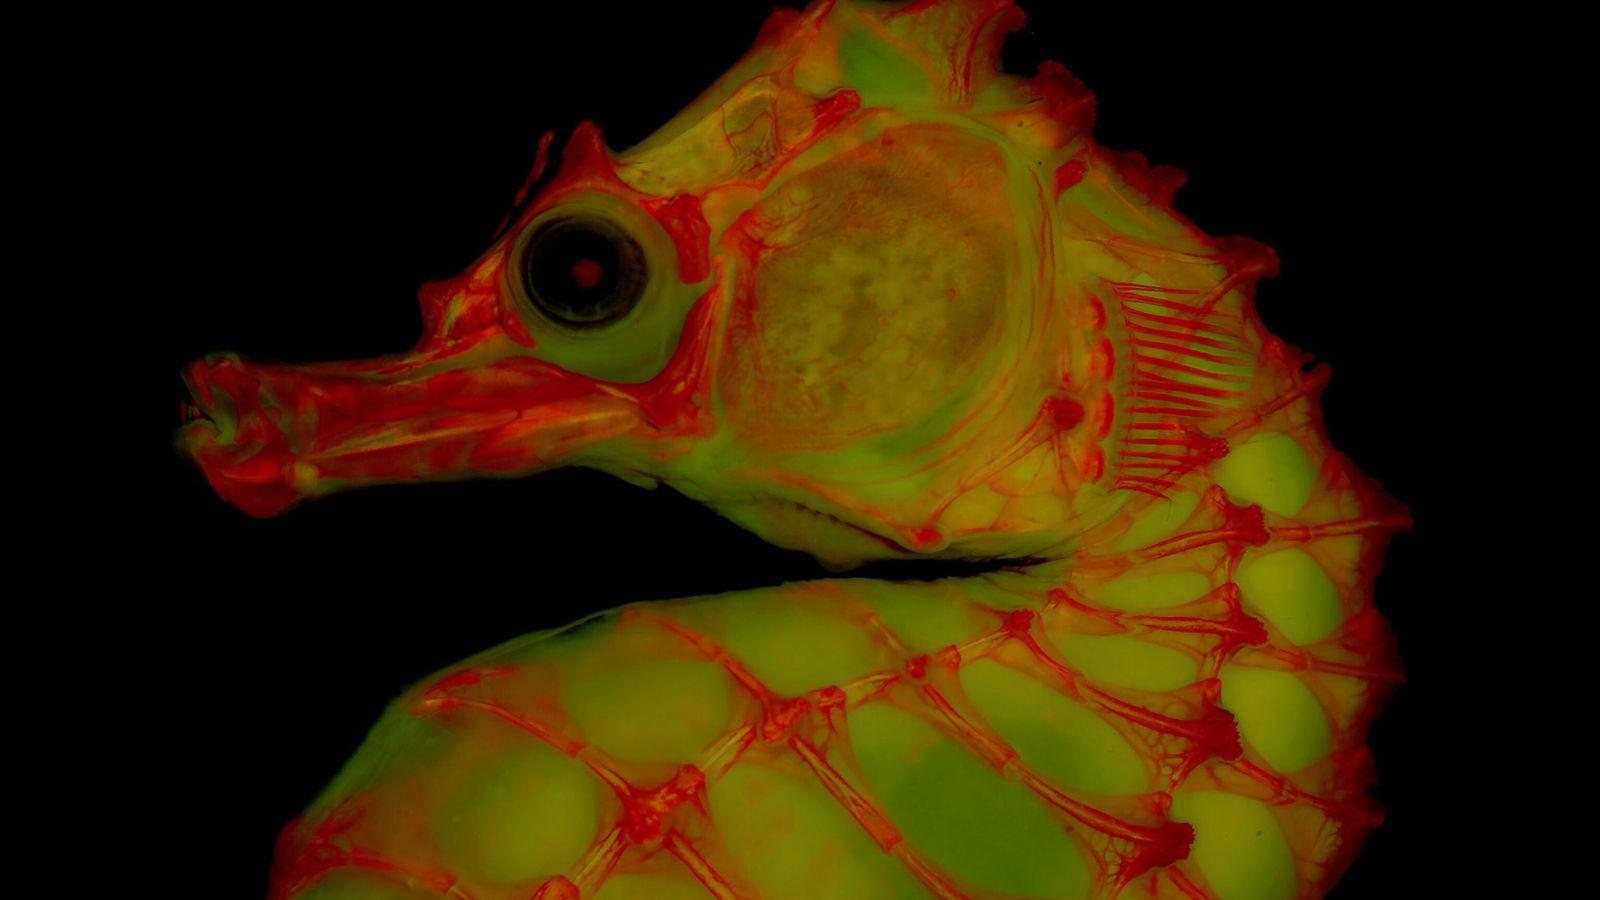 Ein Seepferdchen-Skelett, das in einer Glycerin-Gelatine-Matrix aufbewahrt wird, leuchtet unter Fluoreszenzlicht dank rotem Farbstoff.